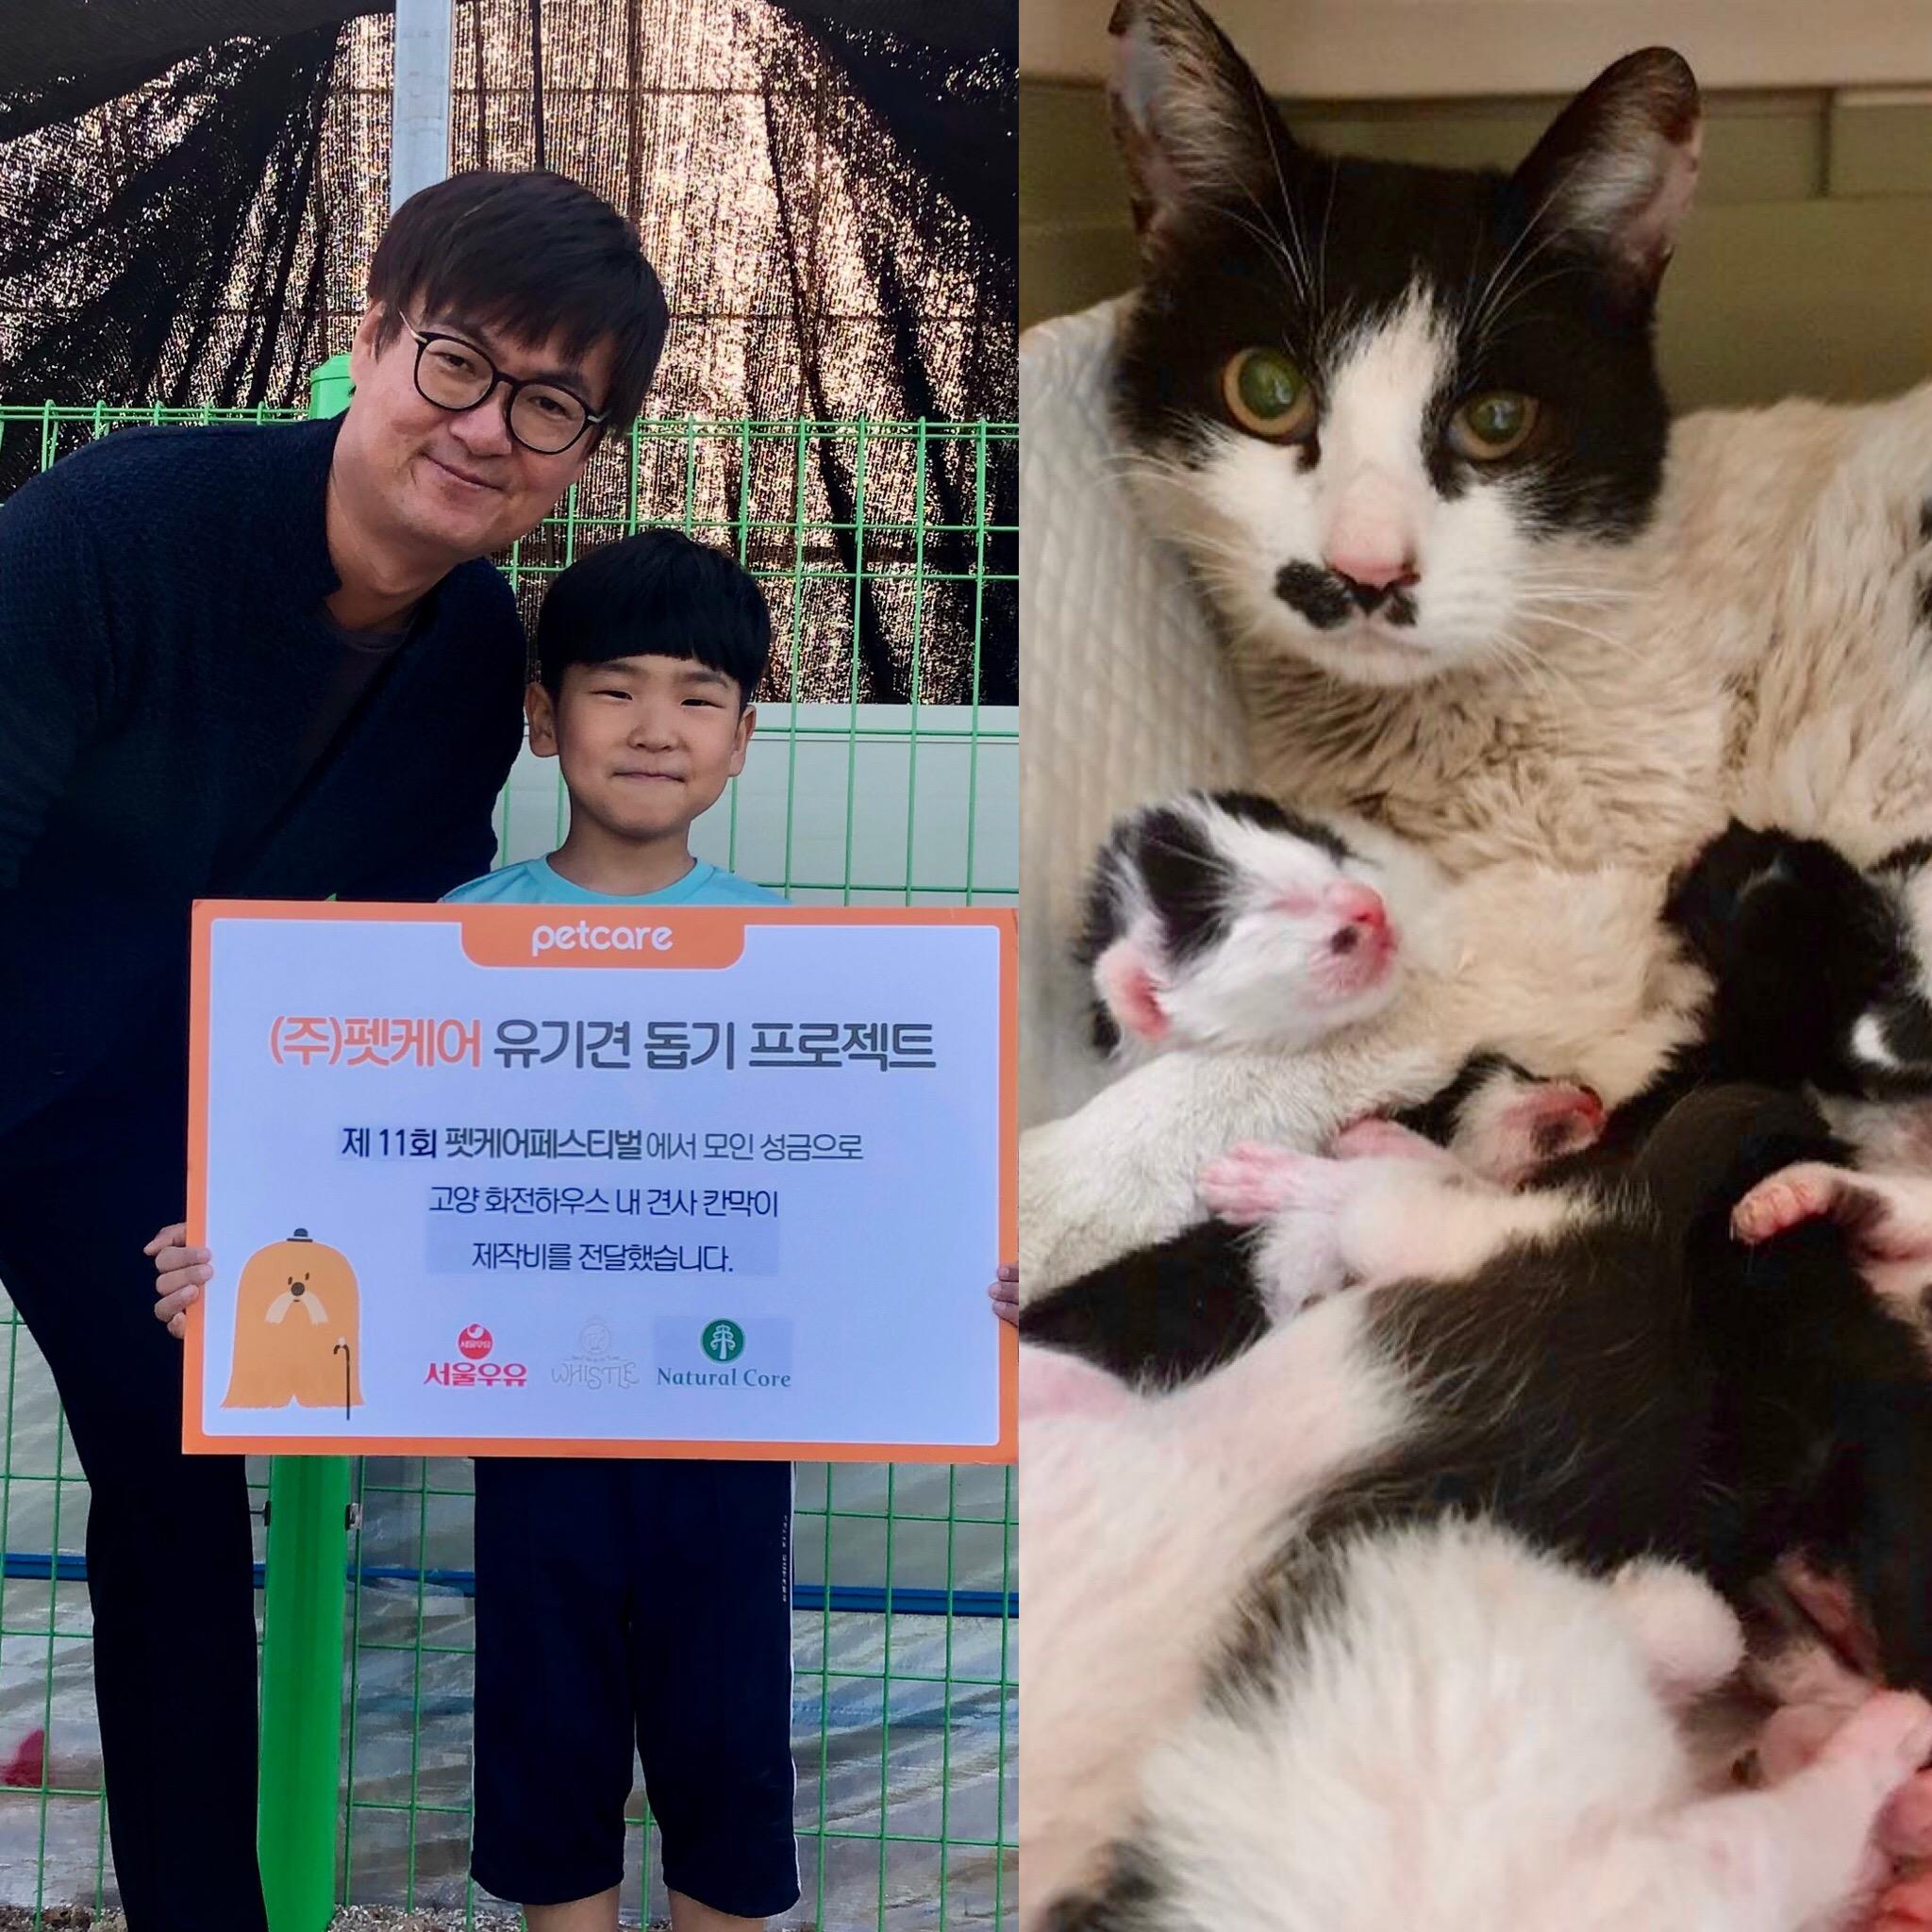 펫케어페스티벌, '유기동물 돕기 프로젝트' 후원금 전달